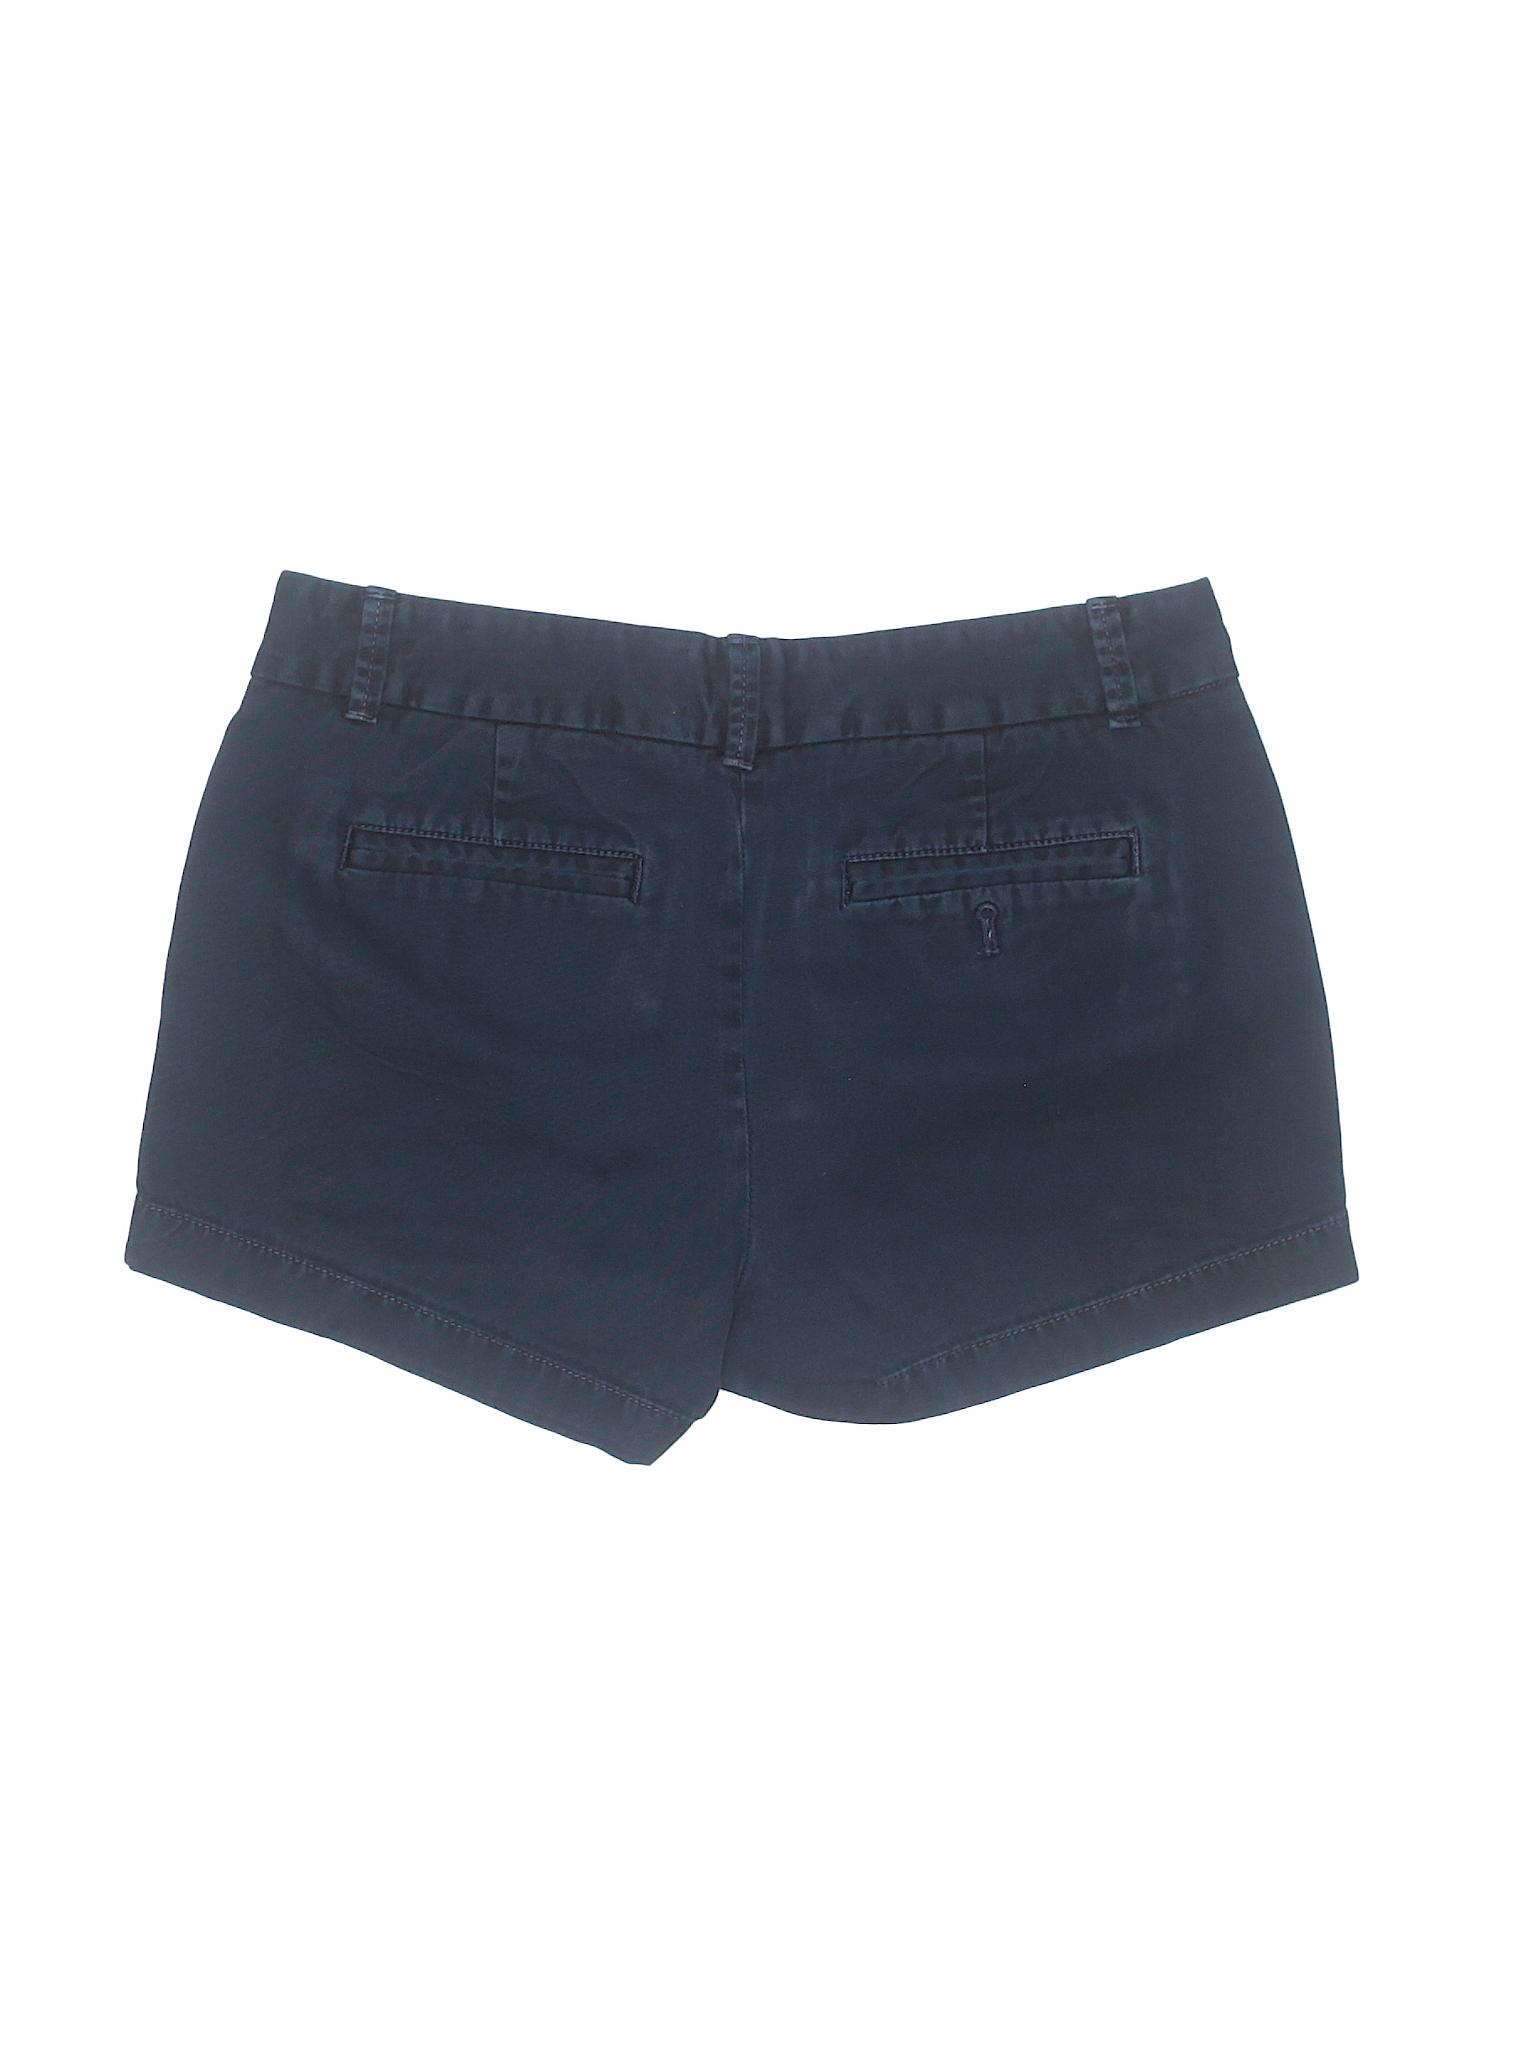 Boutique J Crew Shorts Denim J Crew Denim Shorts Boutique FqtE6Bw